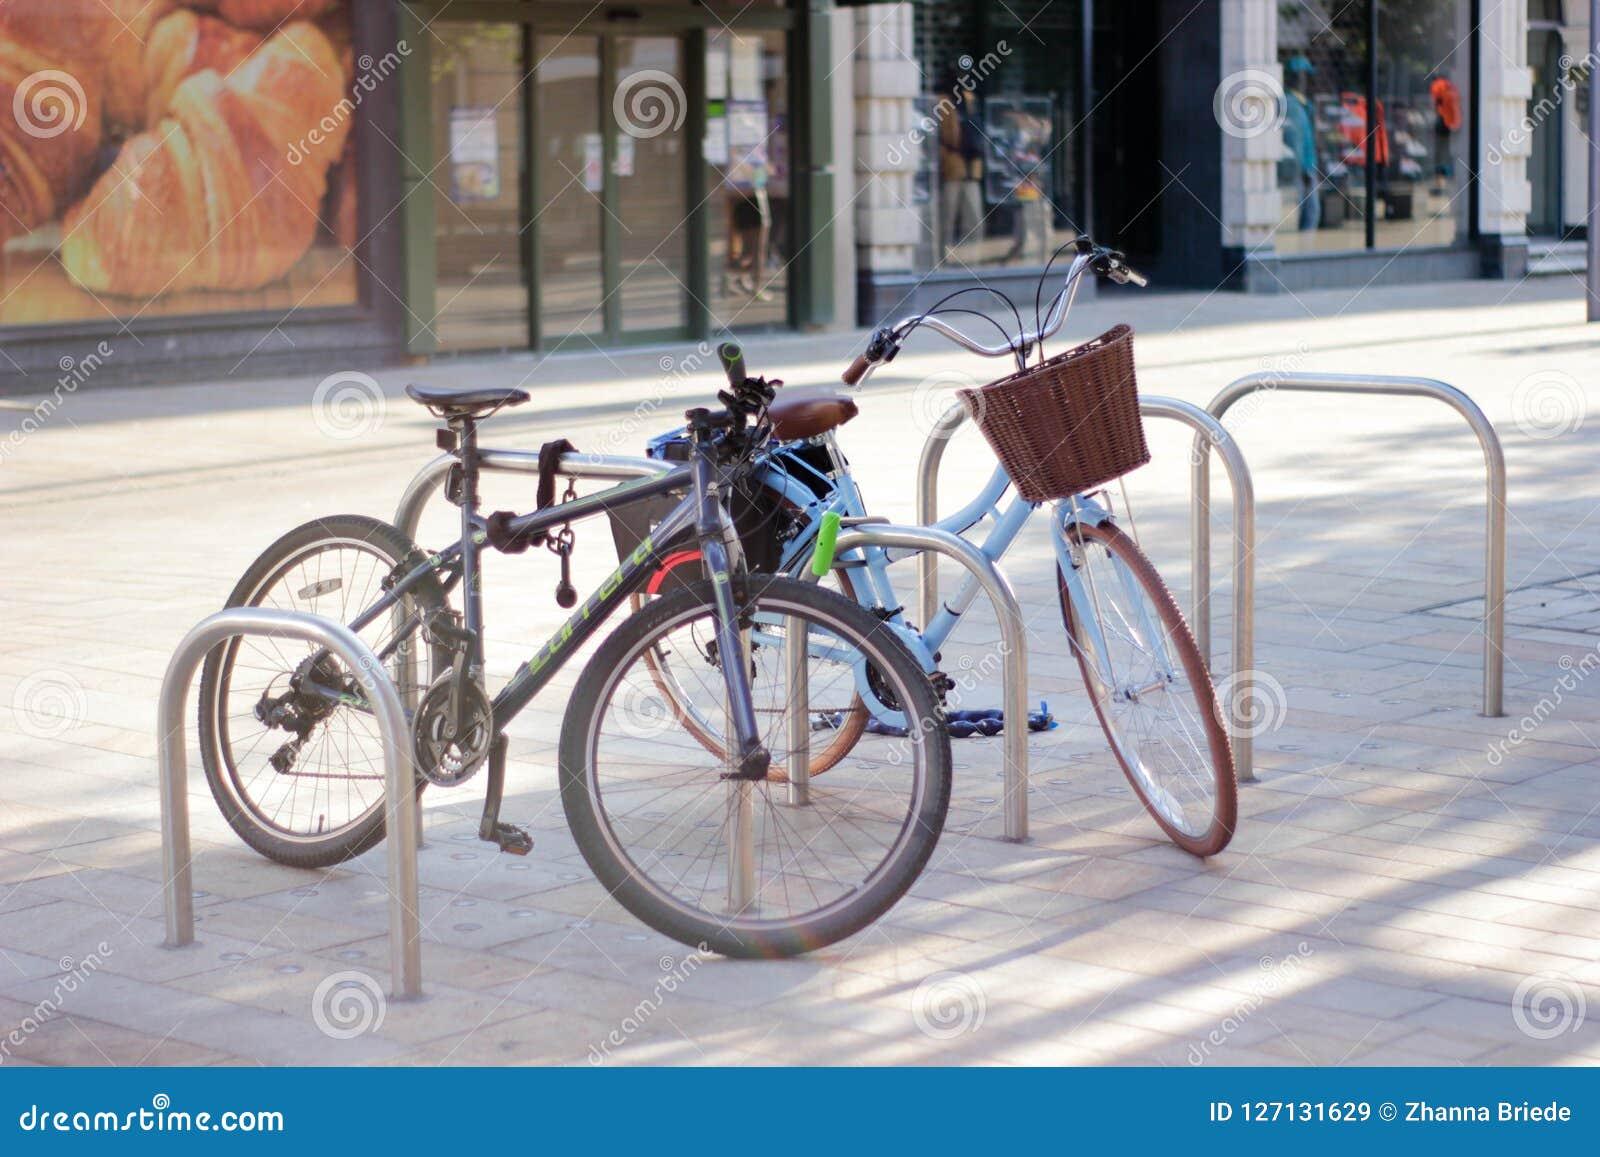 Duas bicicletas são estacionadas em um estacionamento especial da bicicleta em uma cidade inglesa pequena